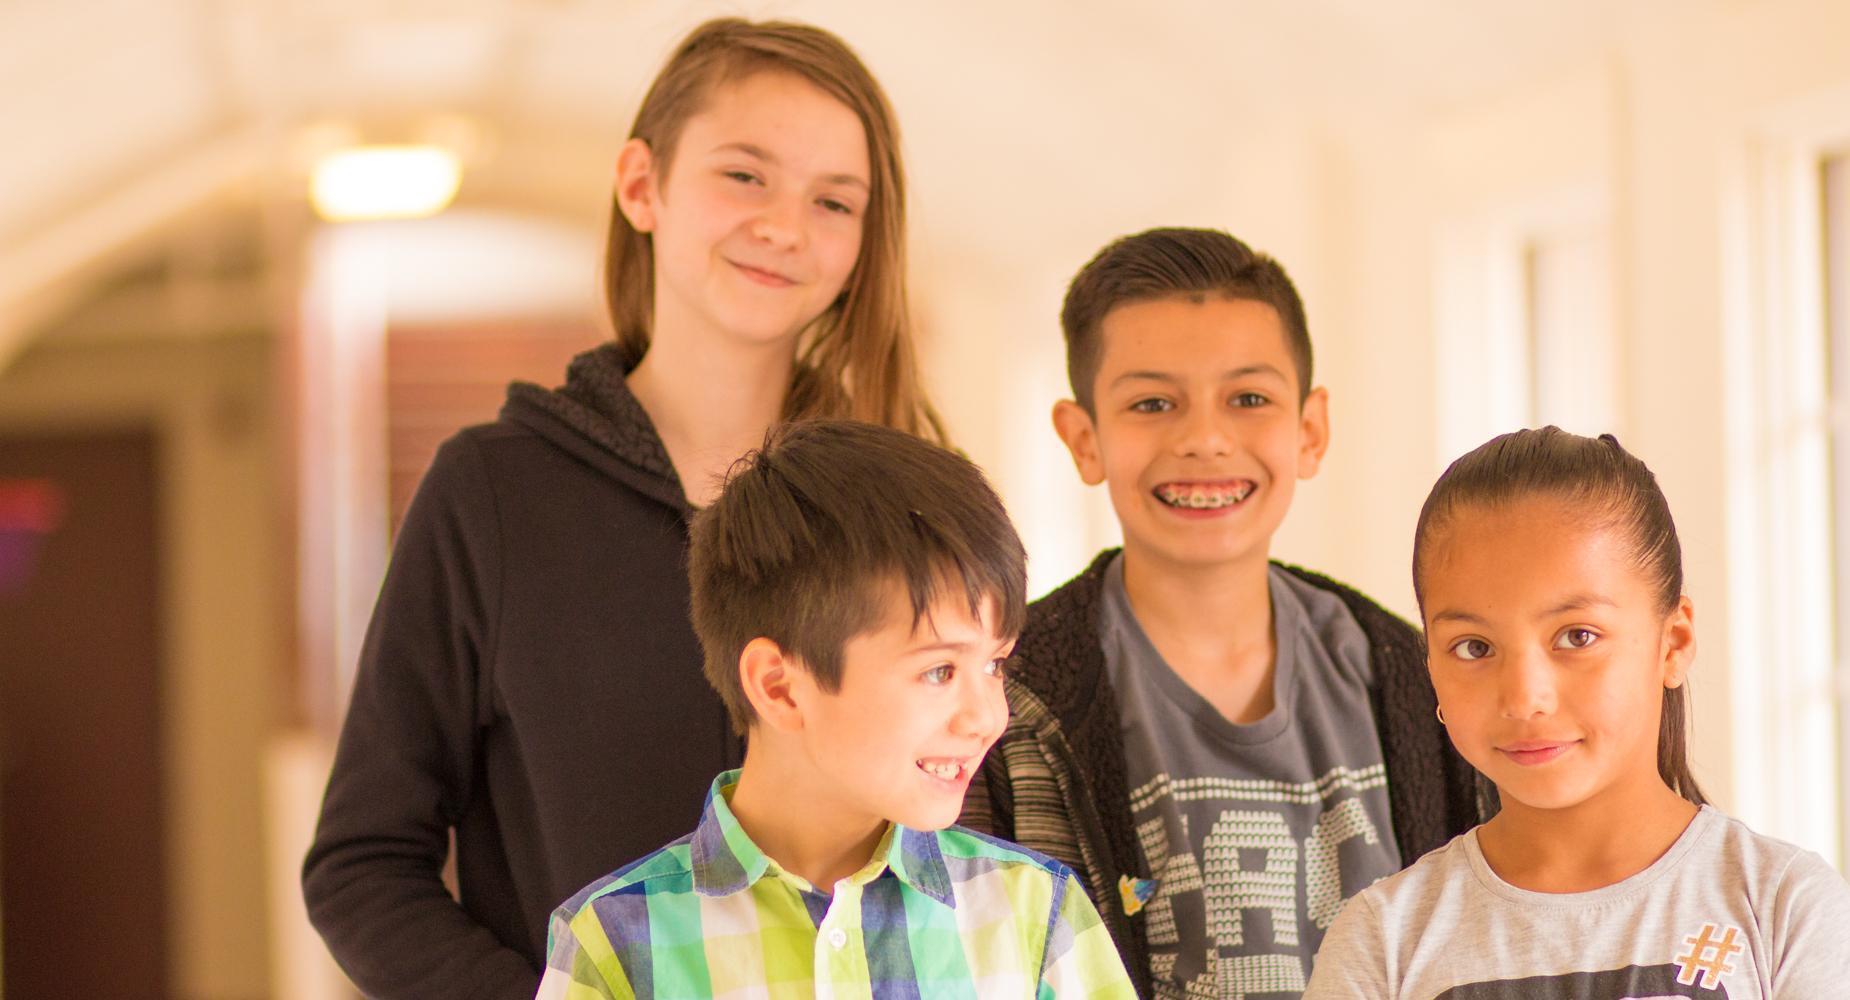 4 Children in the hallway